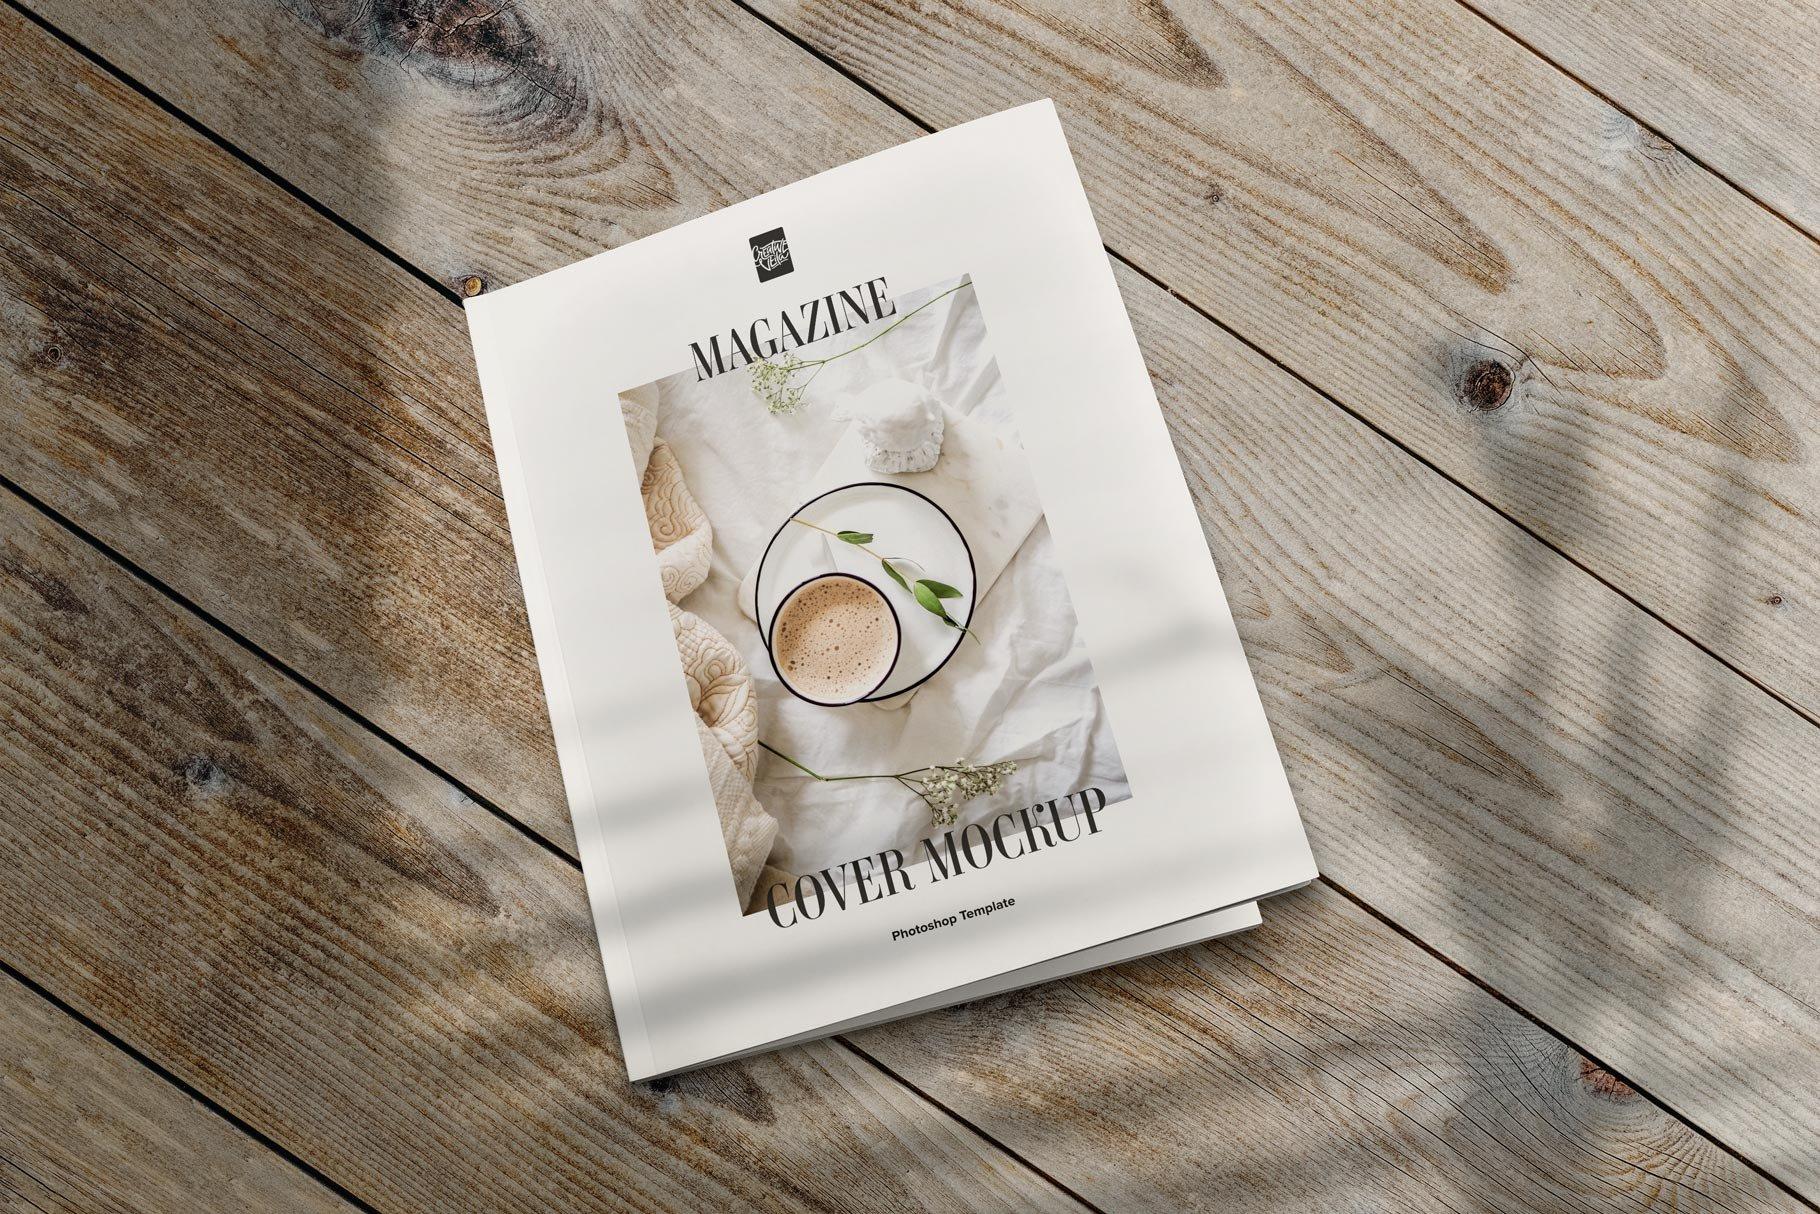 精美杂志画册设计展示样机模板 Magazine Cover Mockup Set插图(4)